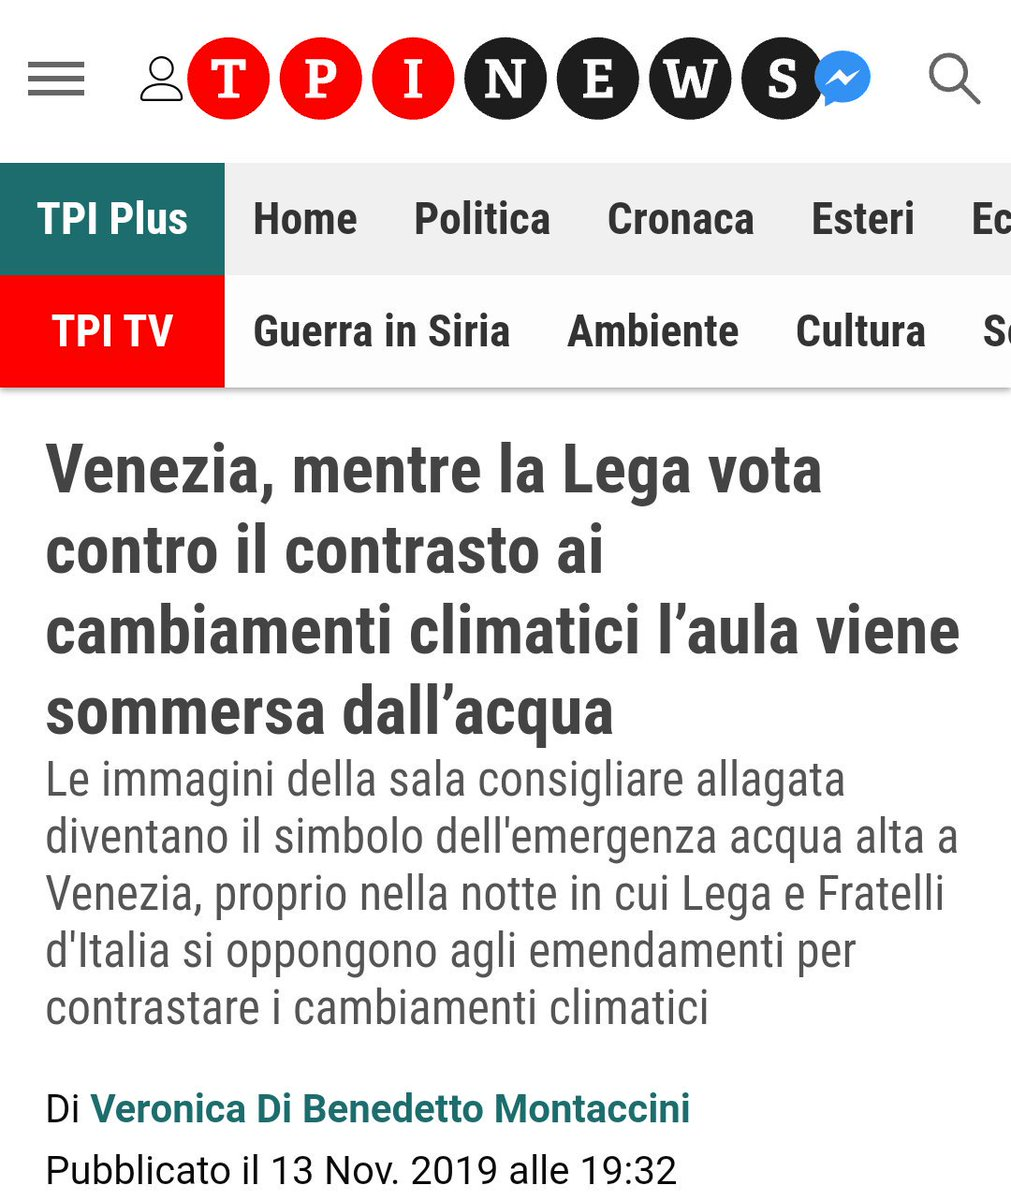 #Venice